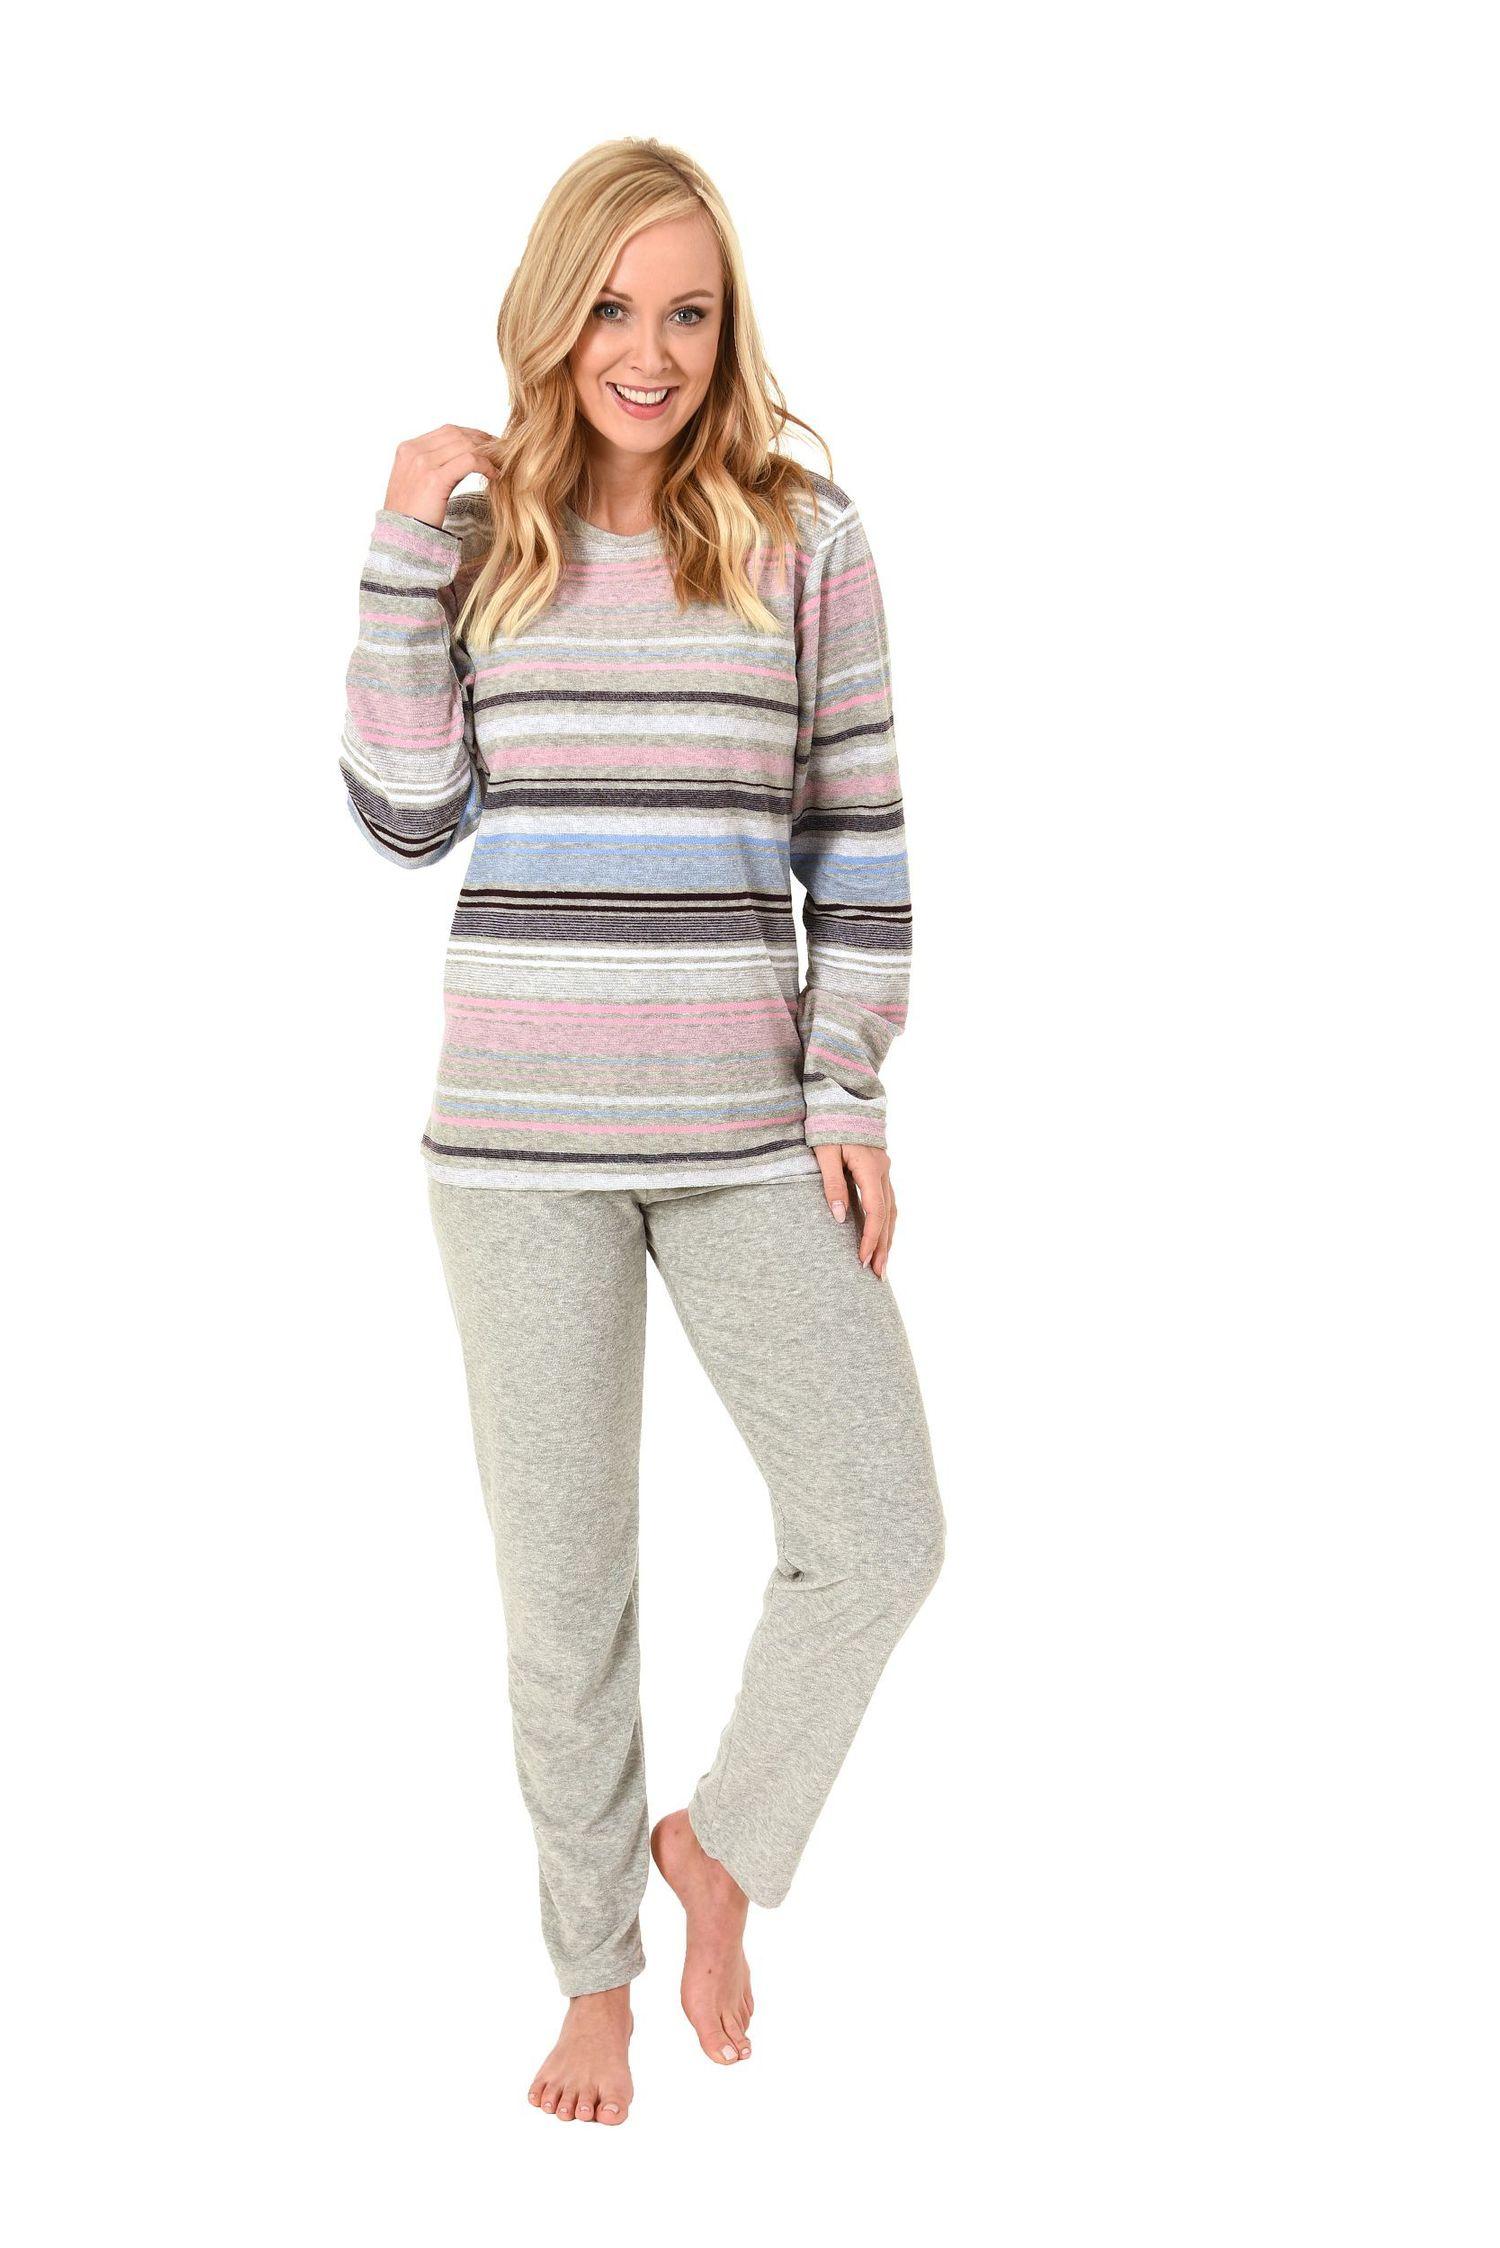 Damen Frottee Pyjama lang in tollen Streifendesign – auch in Übergrössen –271 201 93 235 – Bild 1